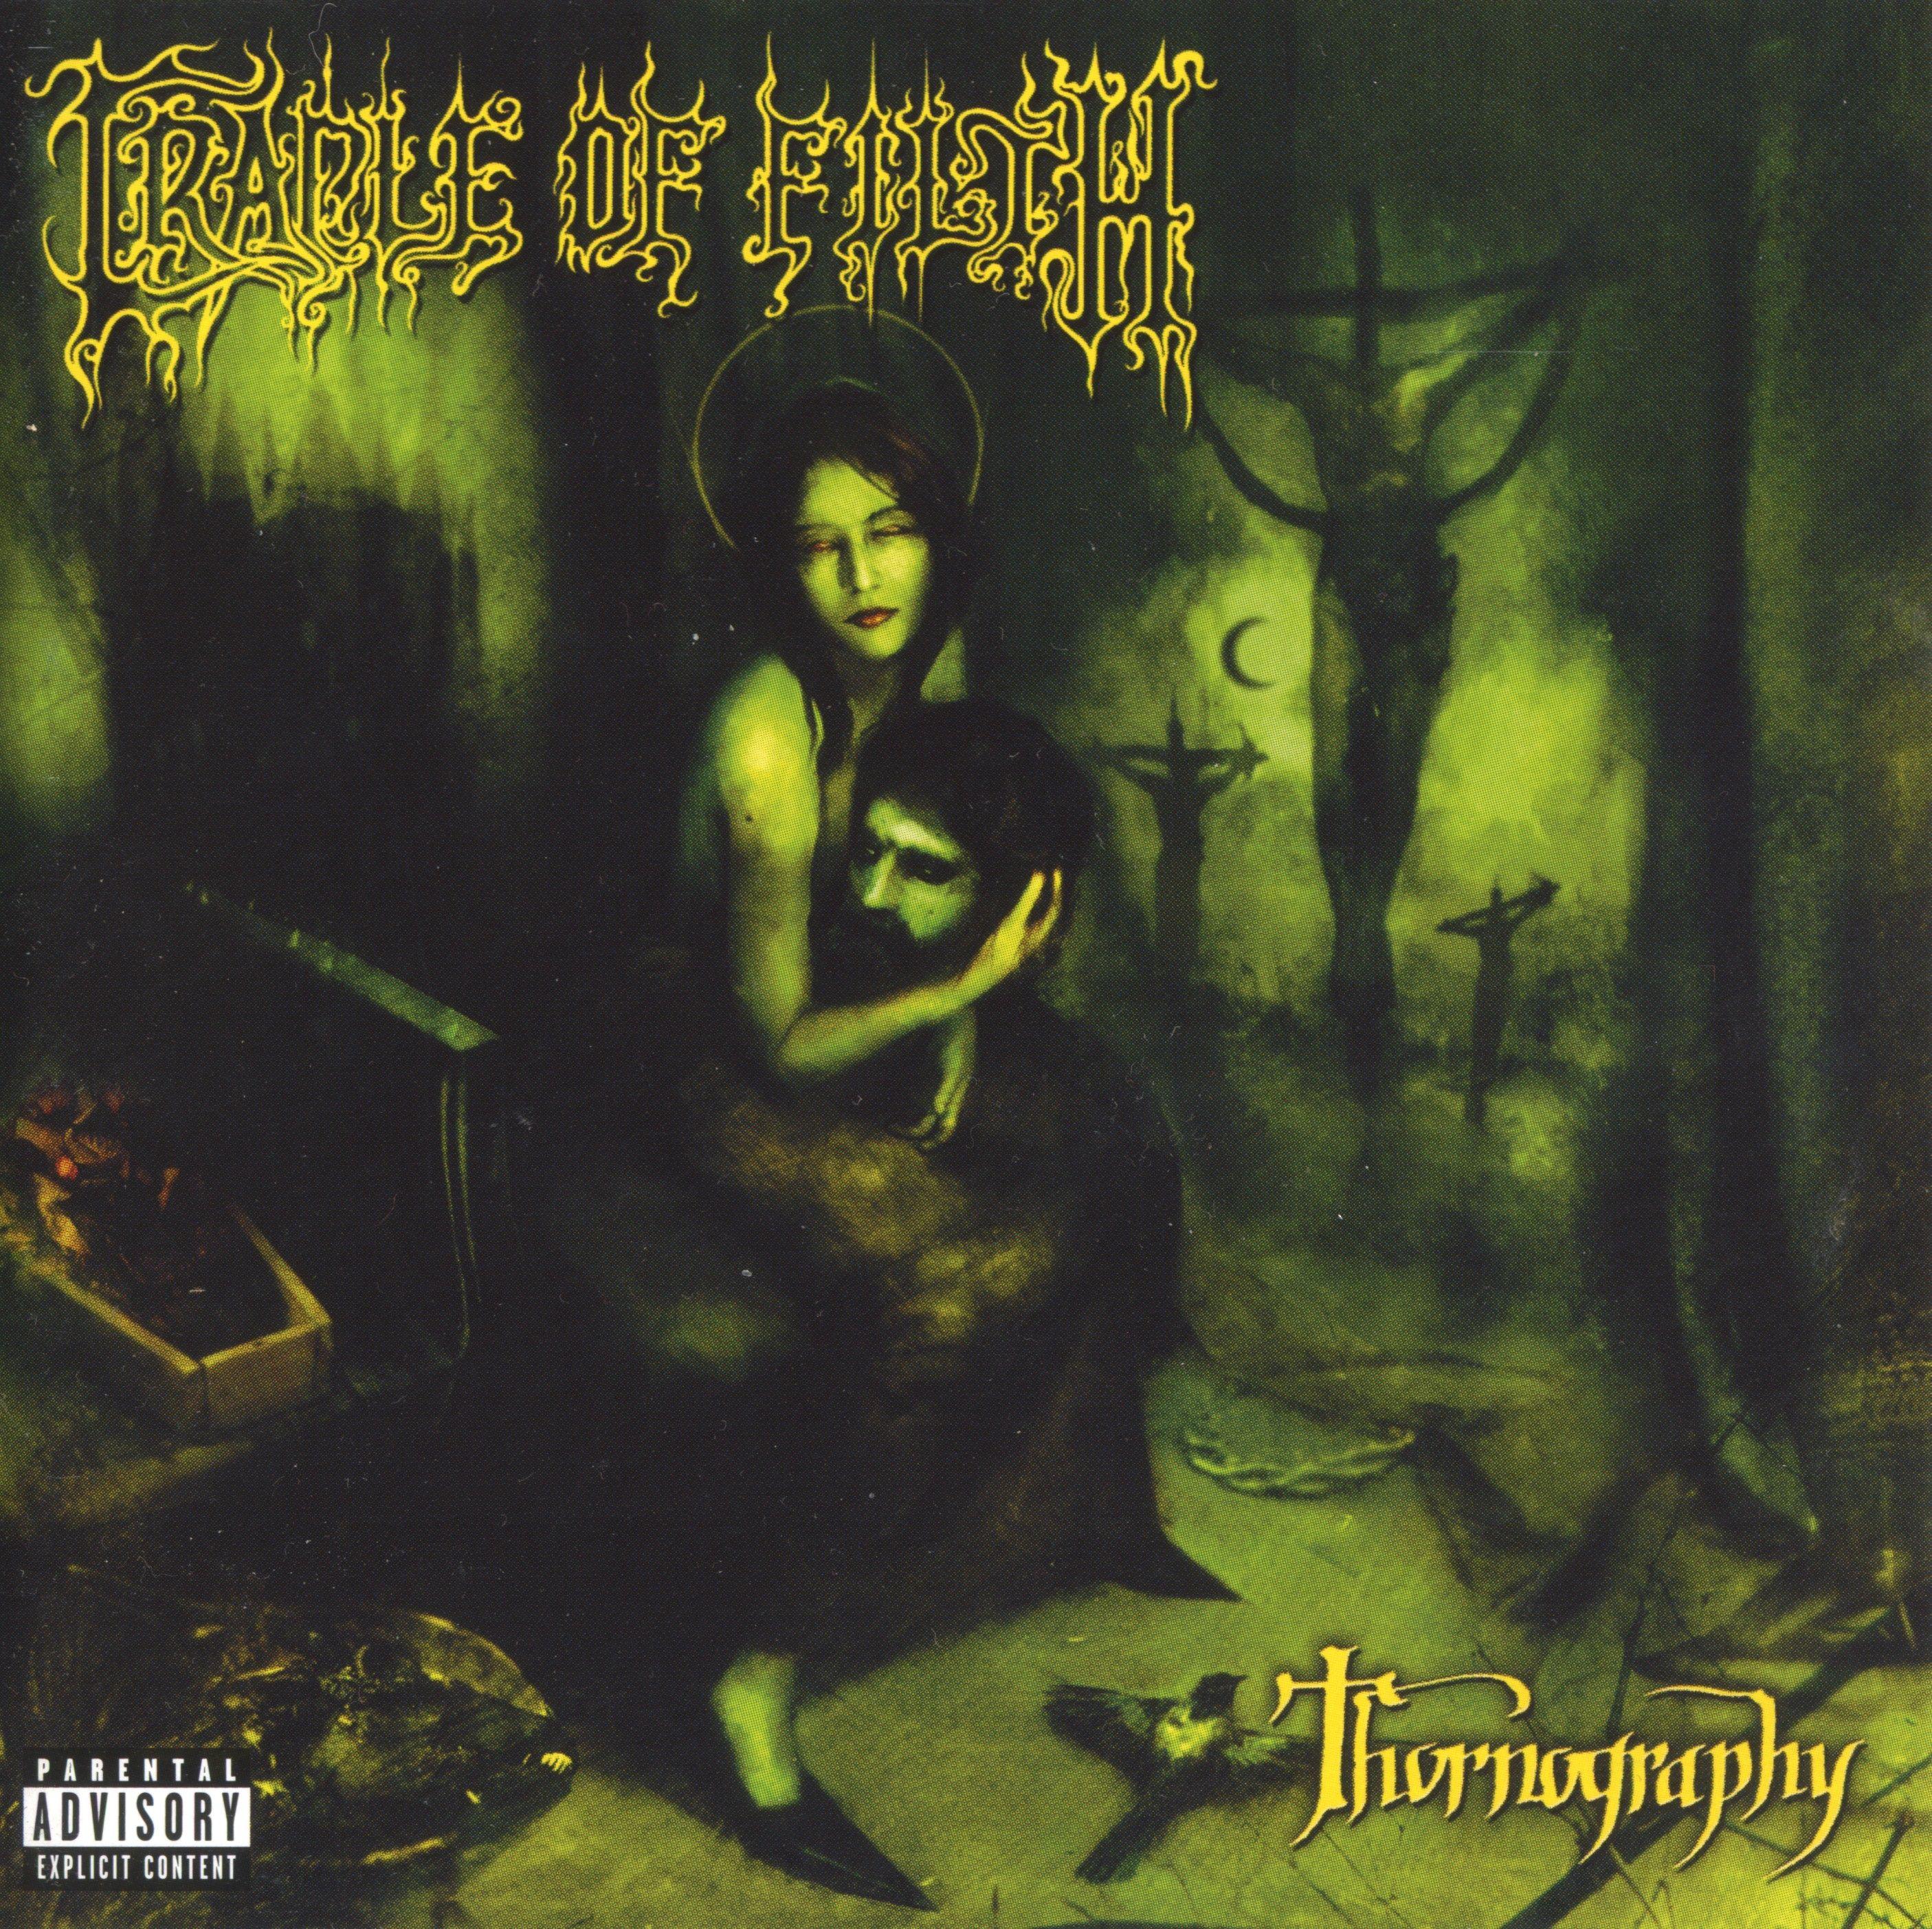 Cradle Of Filth - Thornography album cover